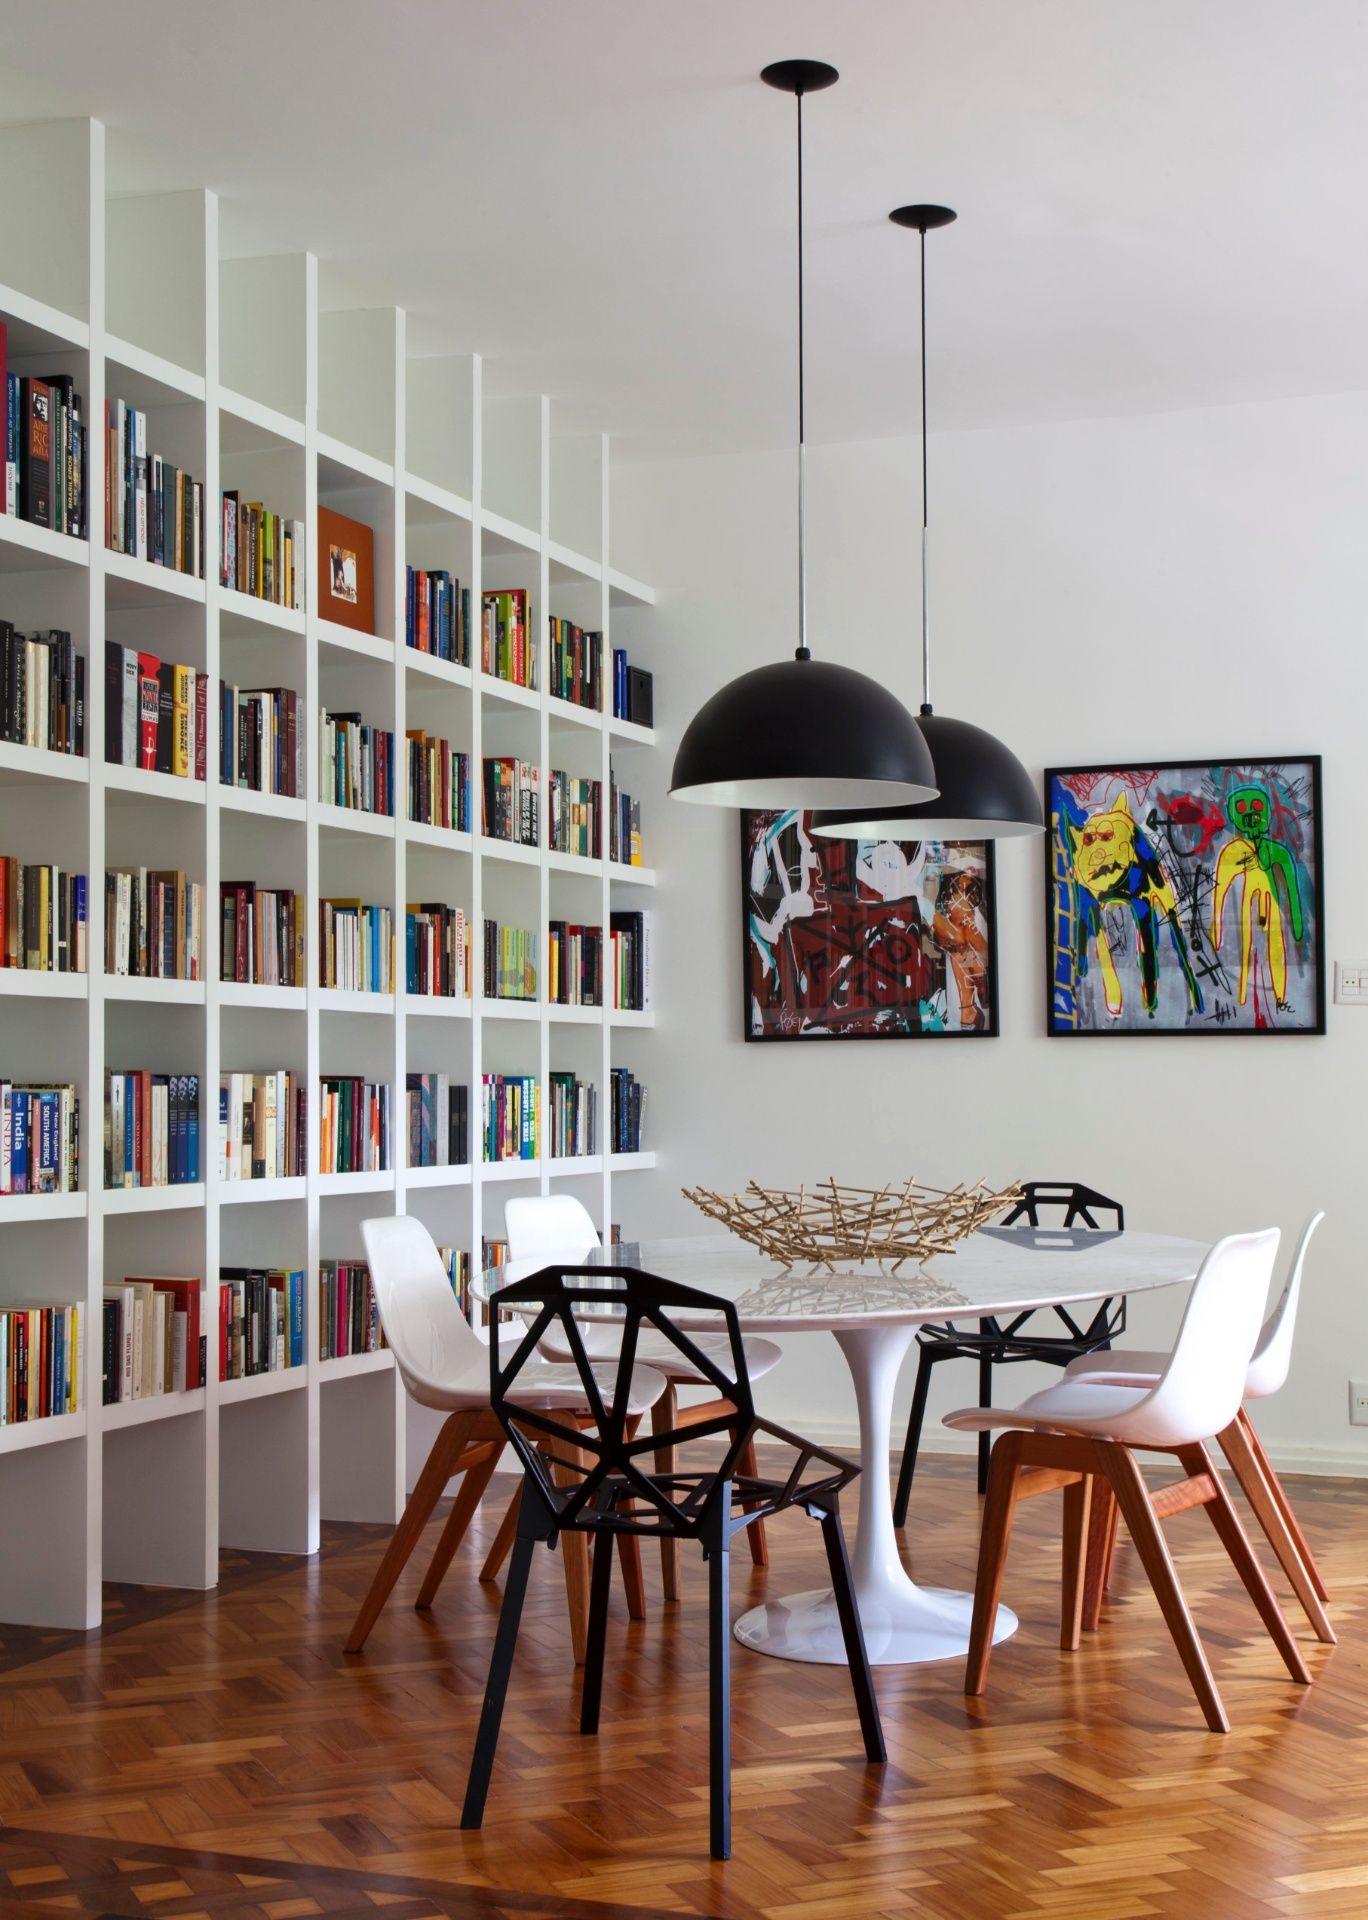 Salas De Jantar: Ideias Para Decorar O Ambiente   BOL Fotos   BOL Fotos  Esszimmer